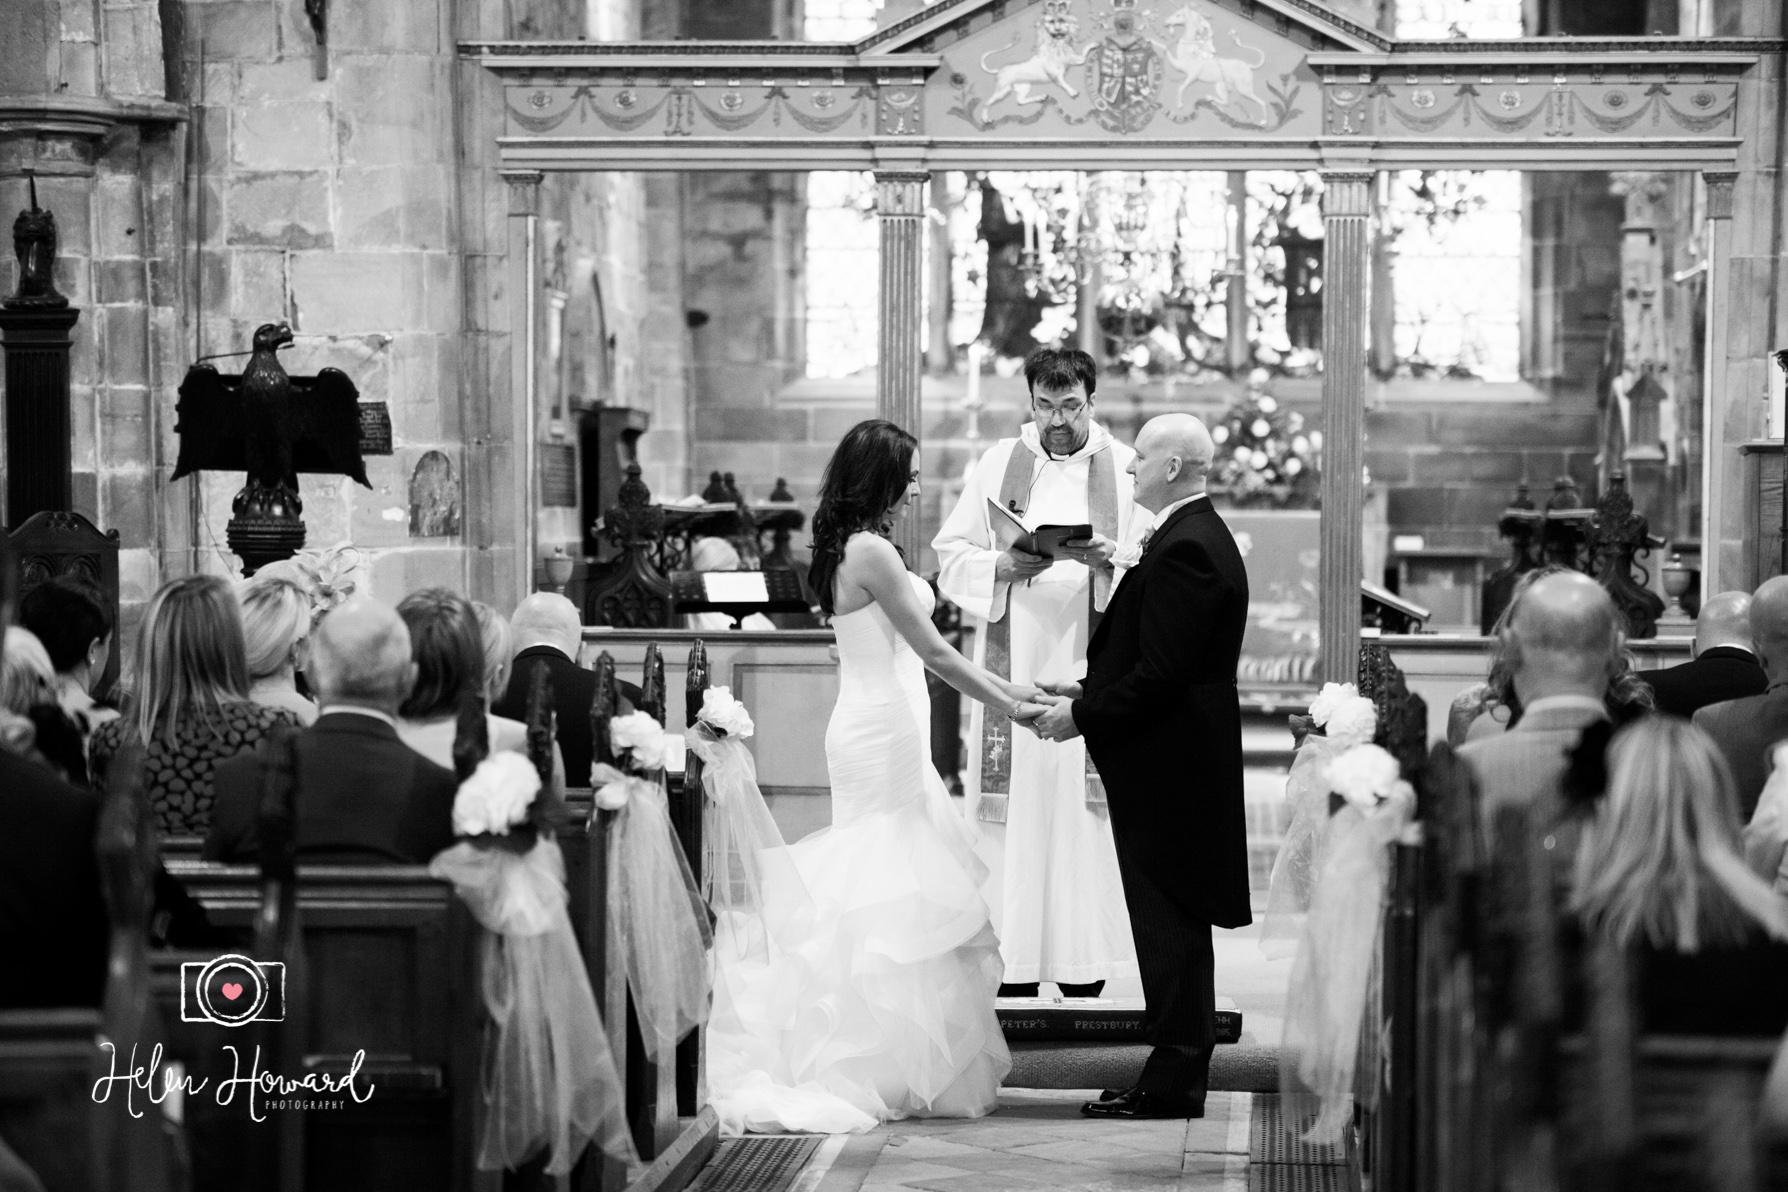 Wedding Photography at a church in Prestbury